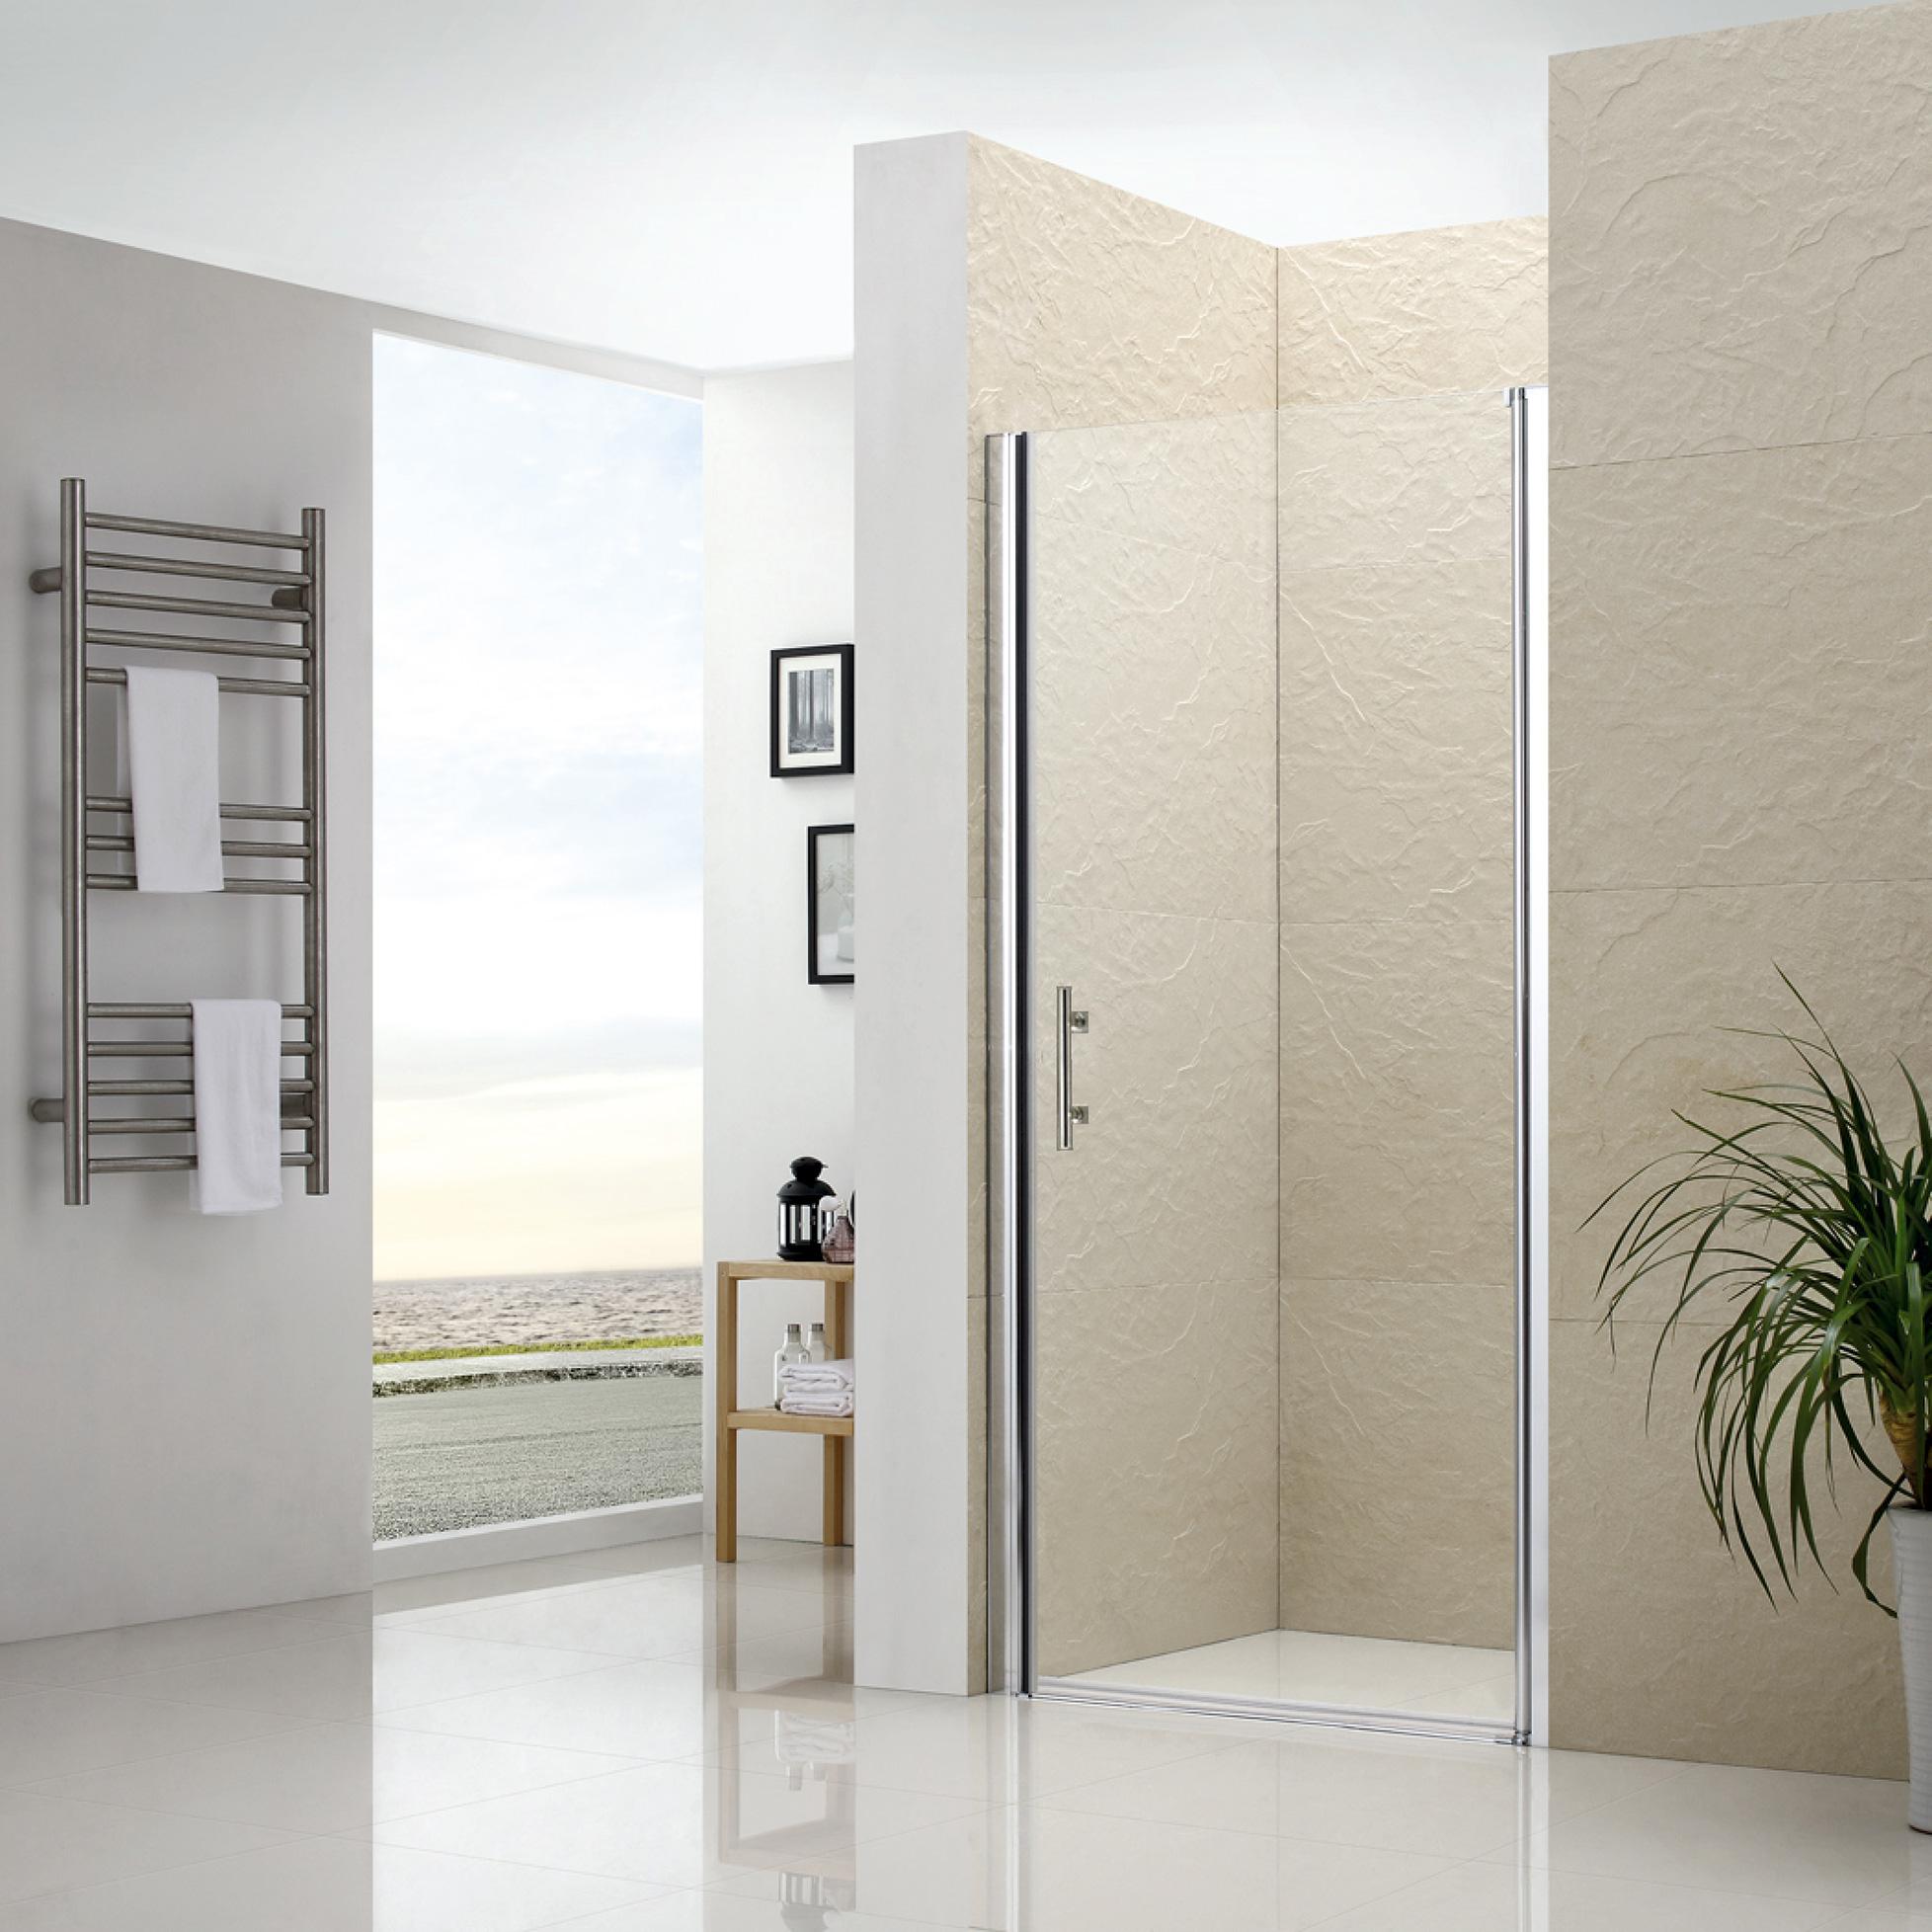 Душевая дверь RGW LE-01 90х195 прозрачное стекло матрас dreamline springless soft slim 90х195 см